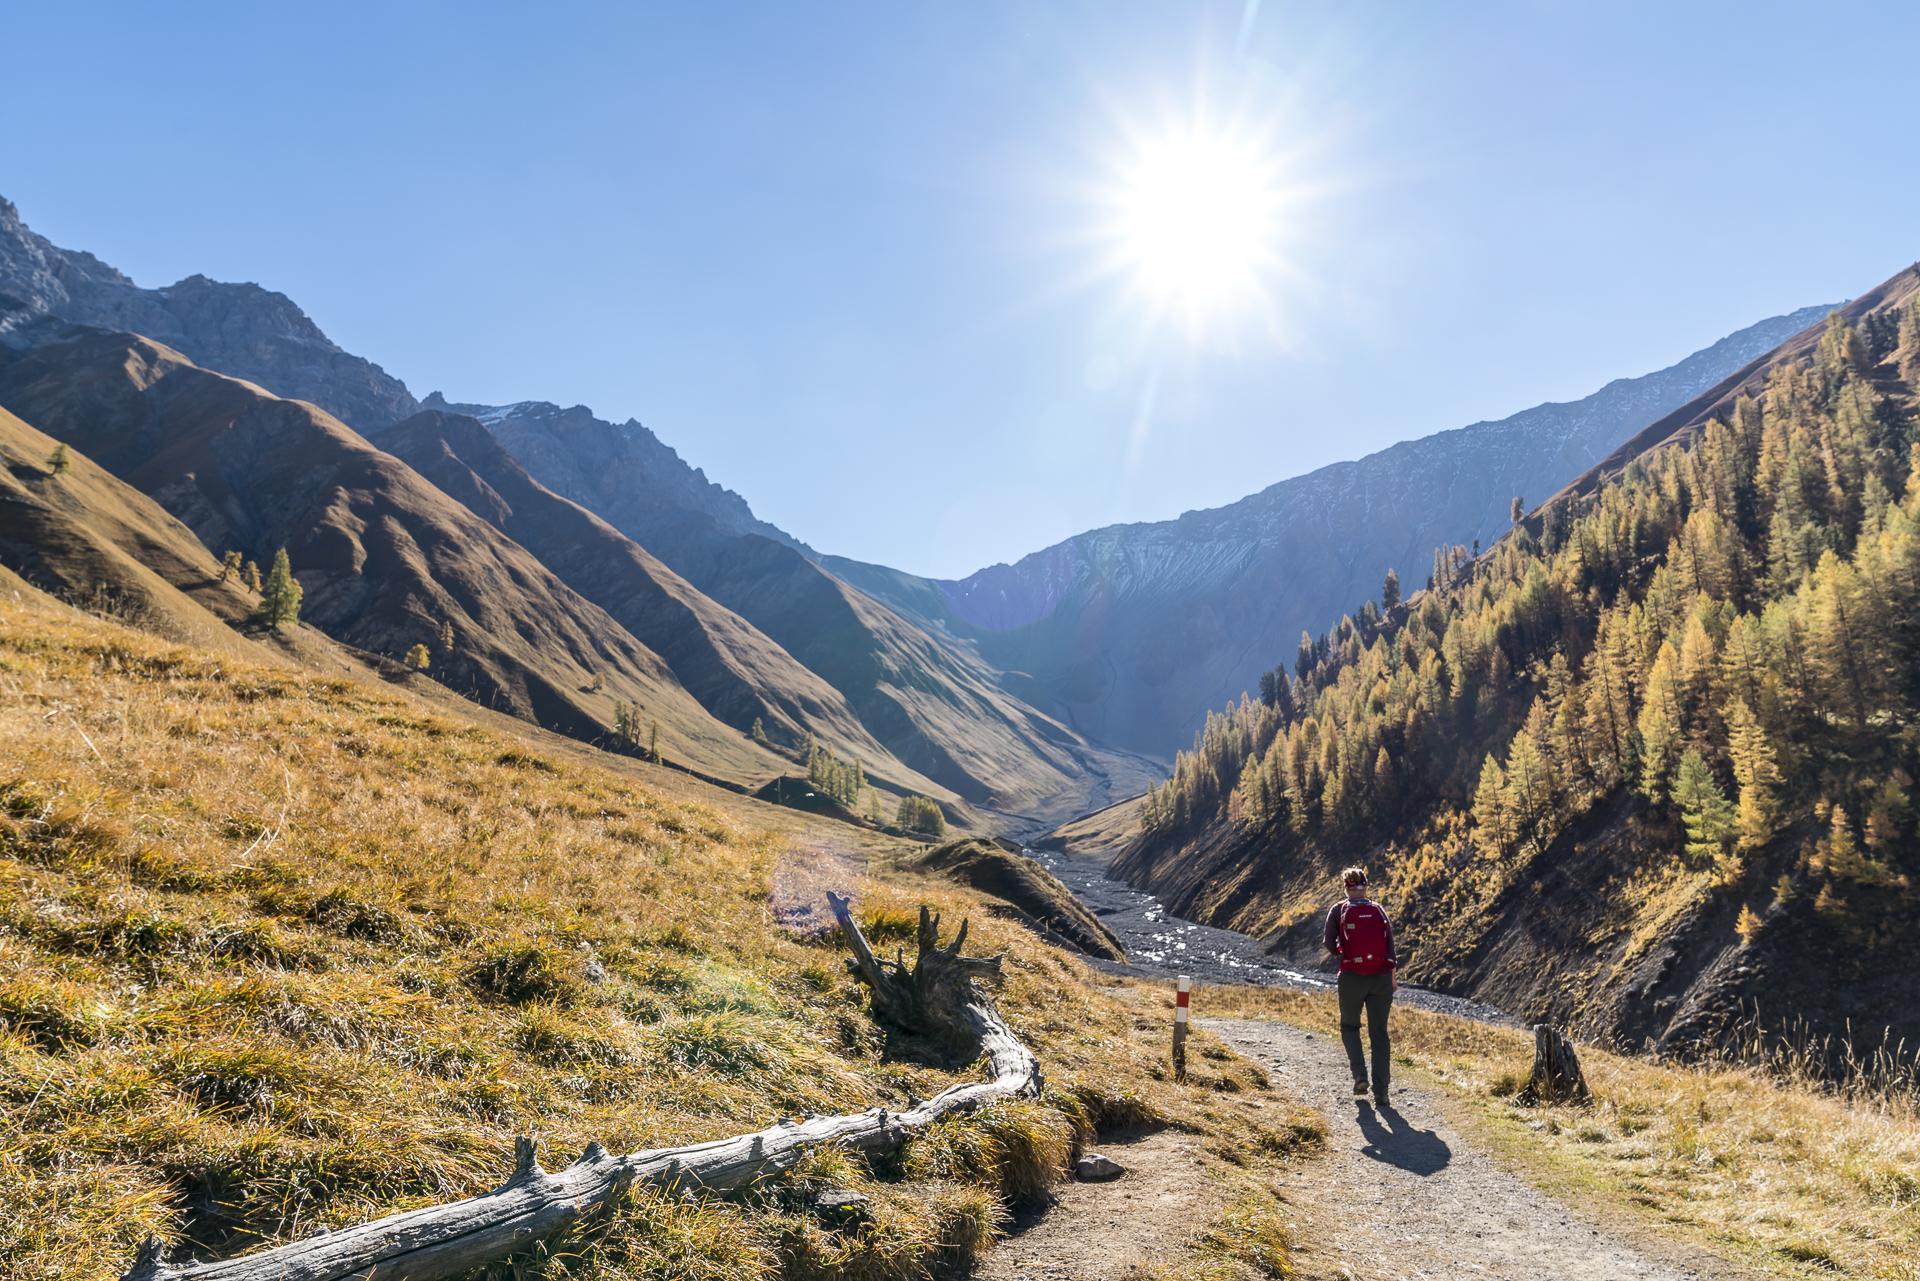 Wanderung zur Alp Trupchun